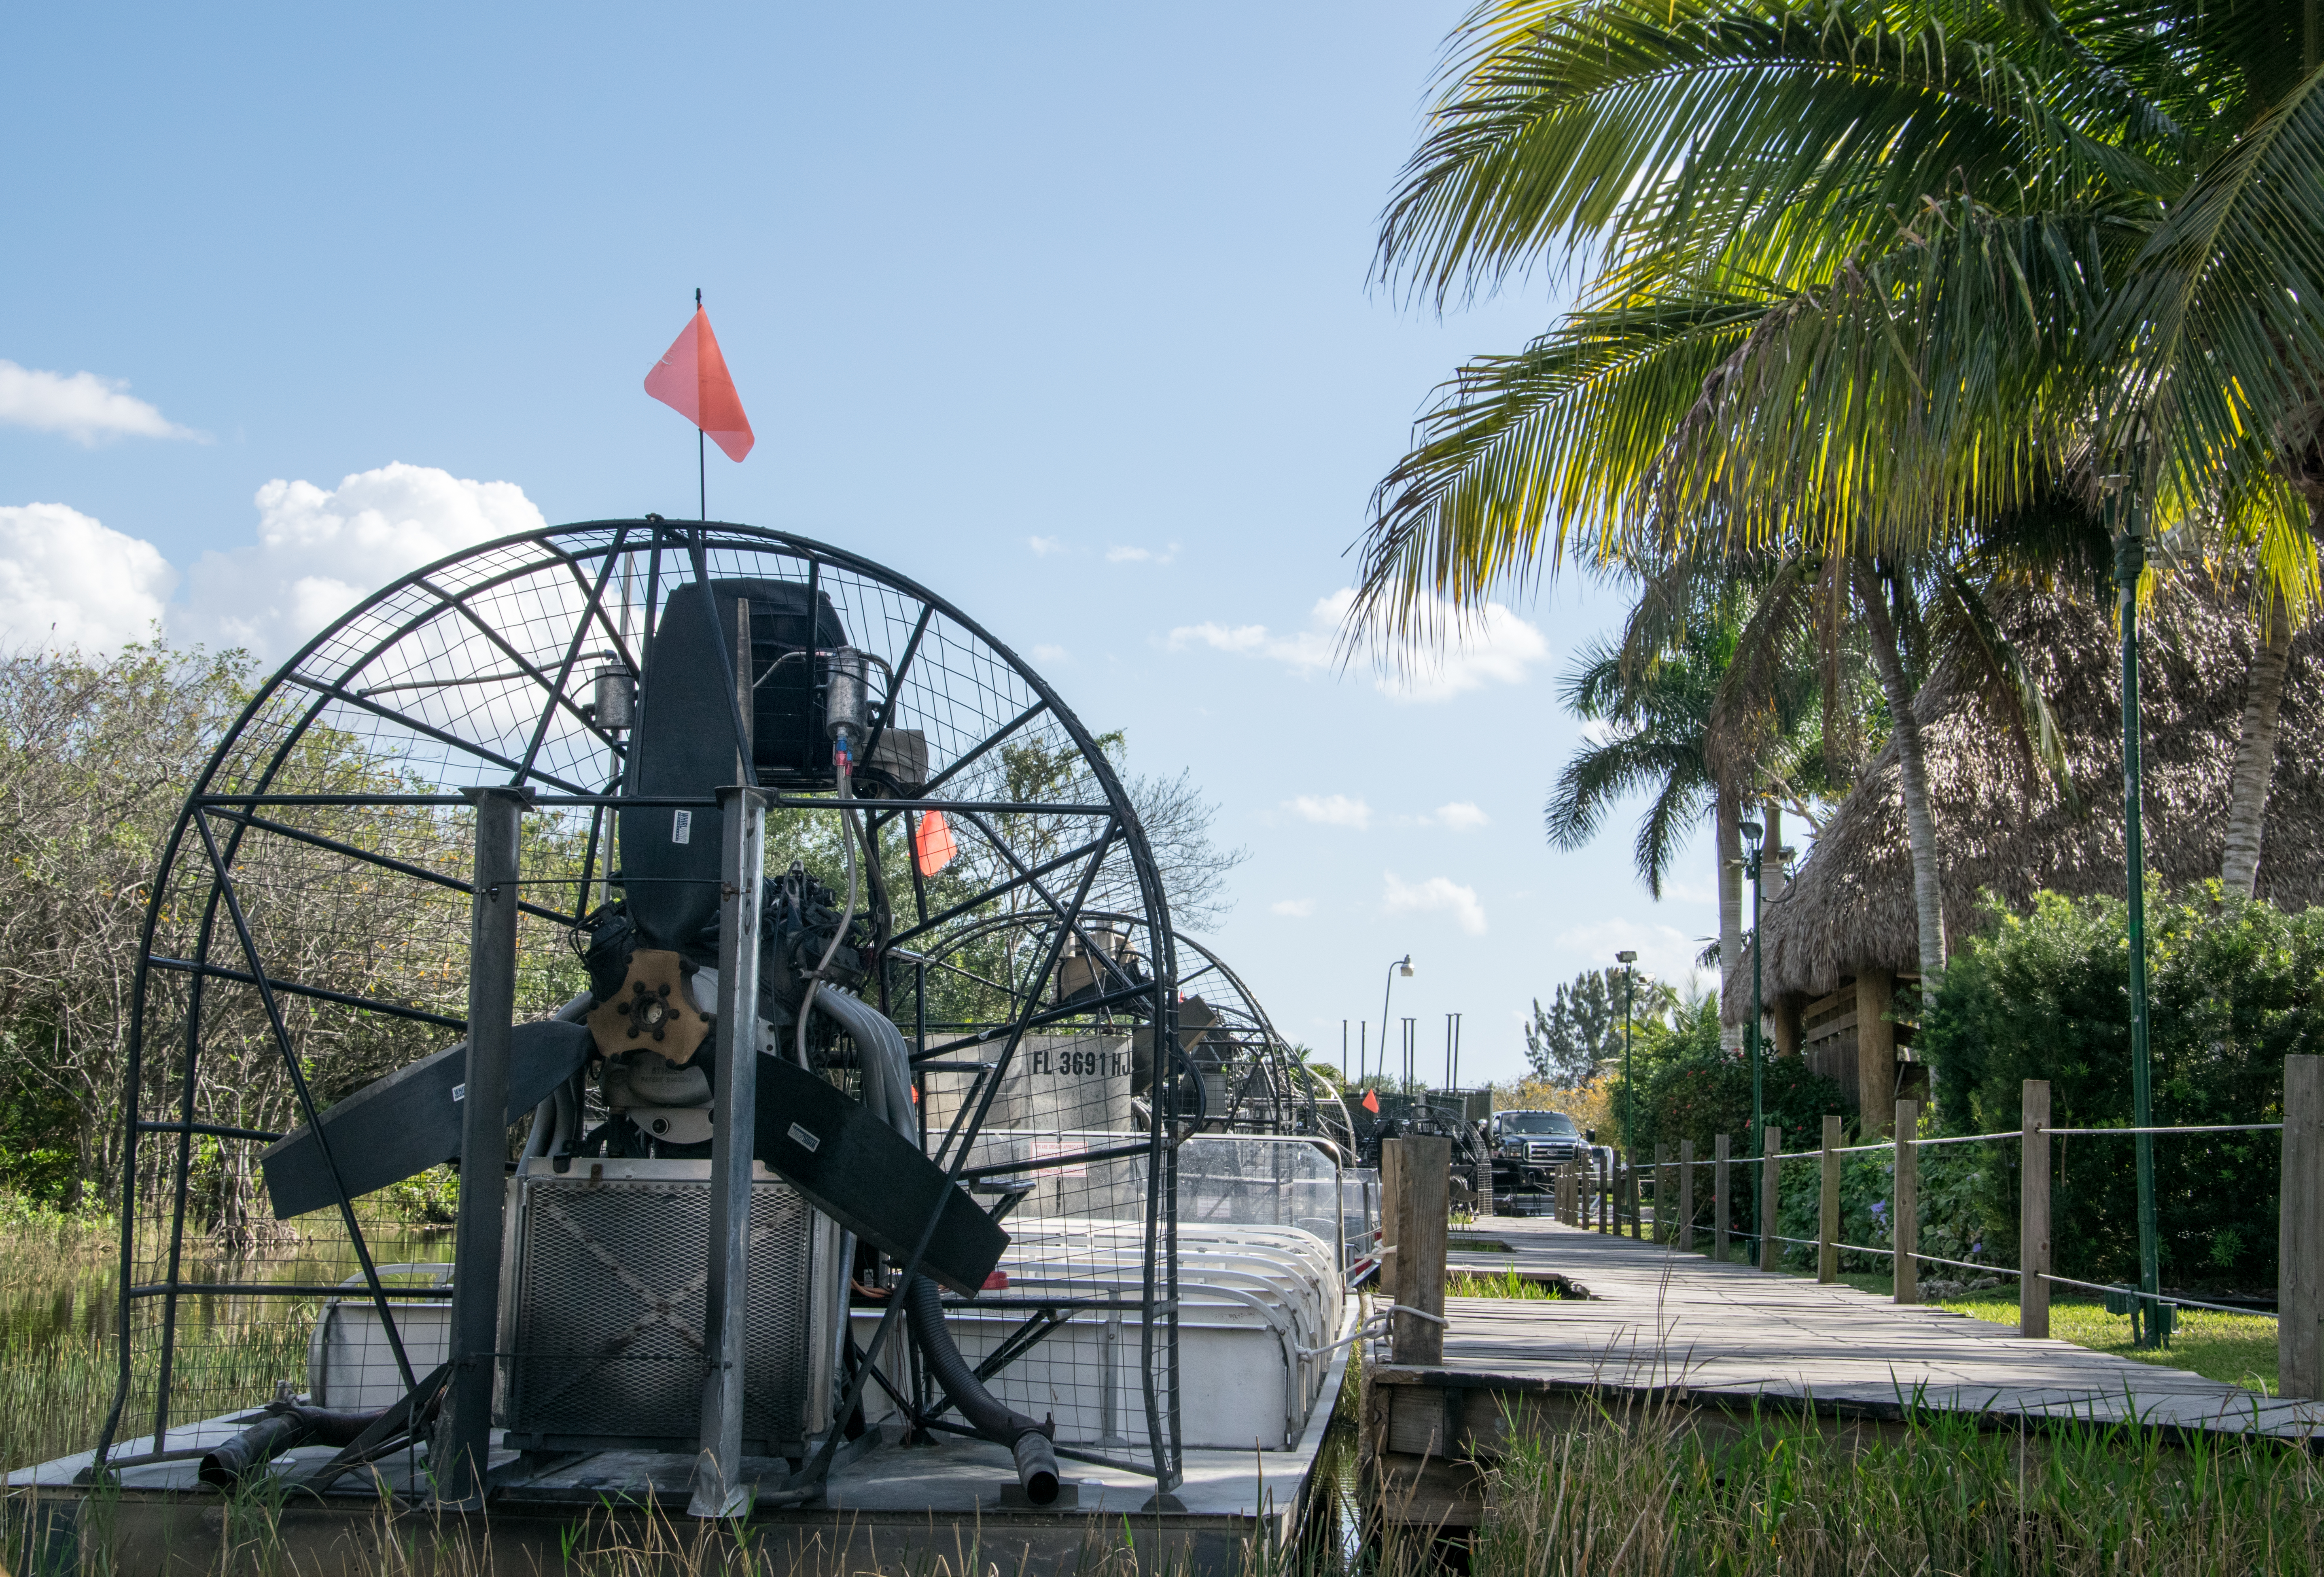 Everglade, Florida